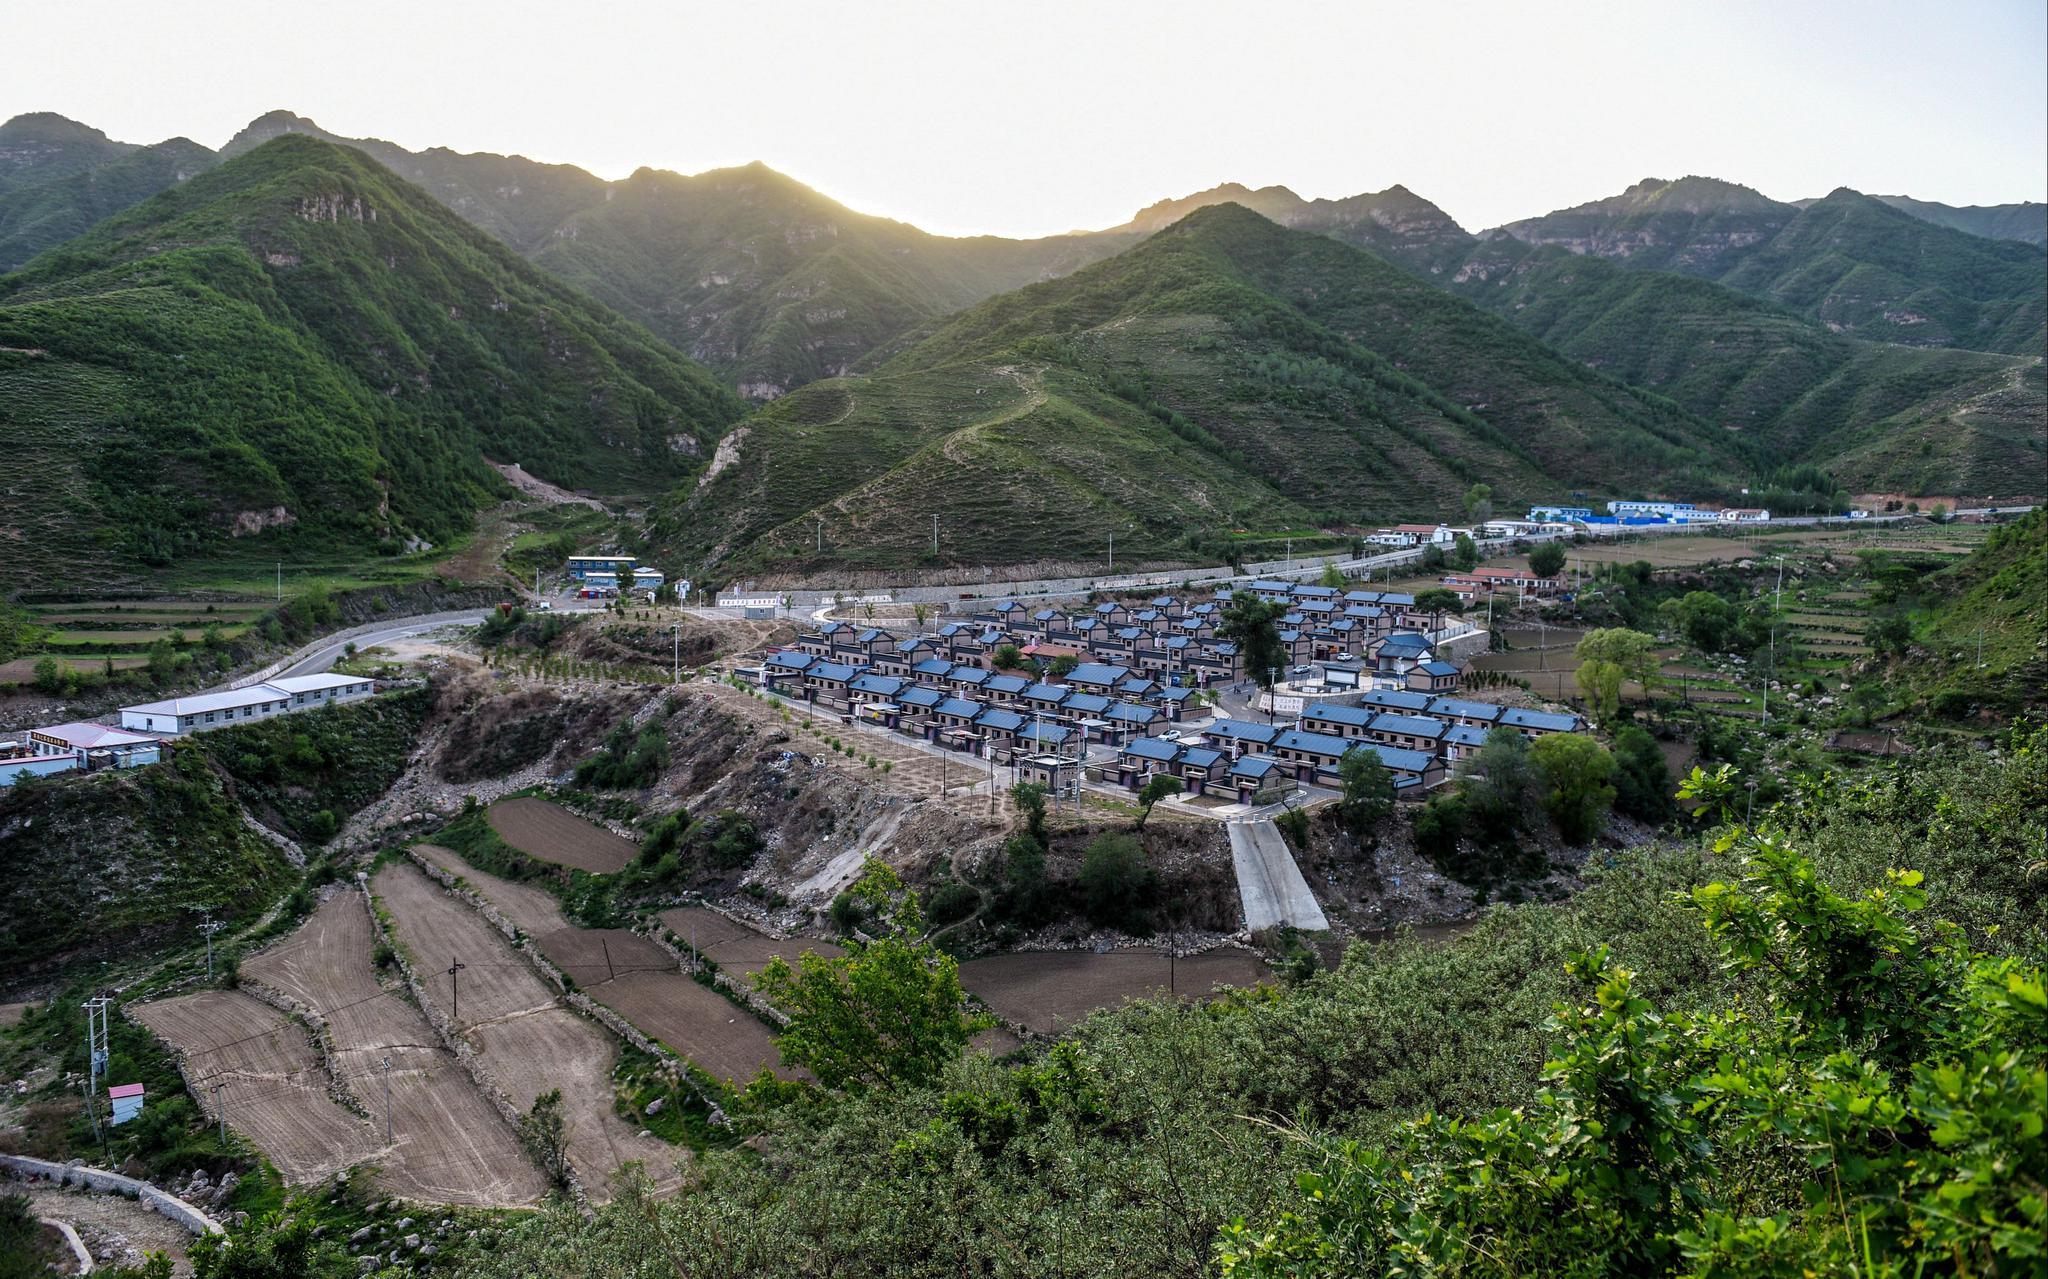 空中草原边 贫困村的改变从海拔1500米的马场通电开始